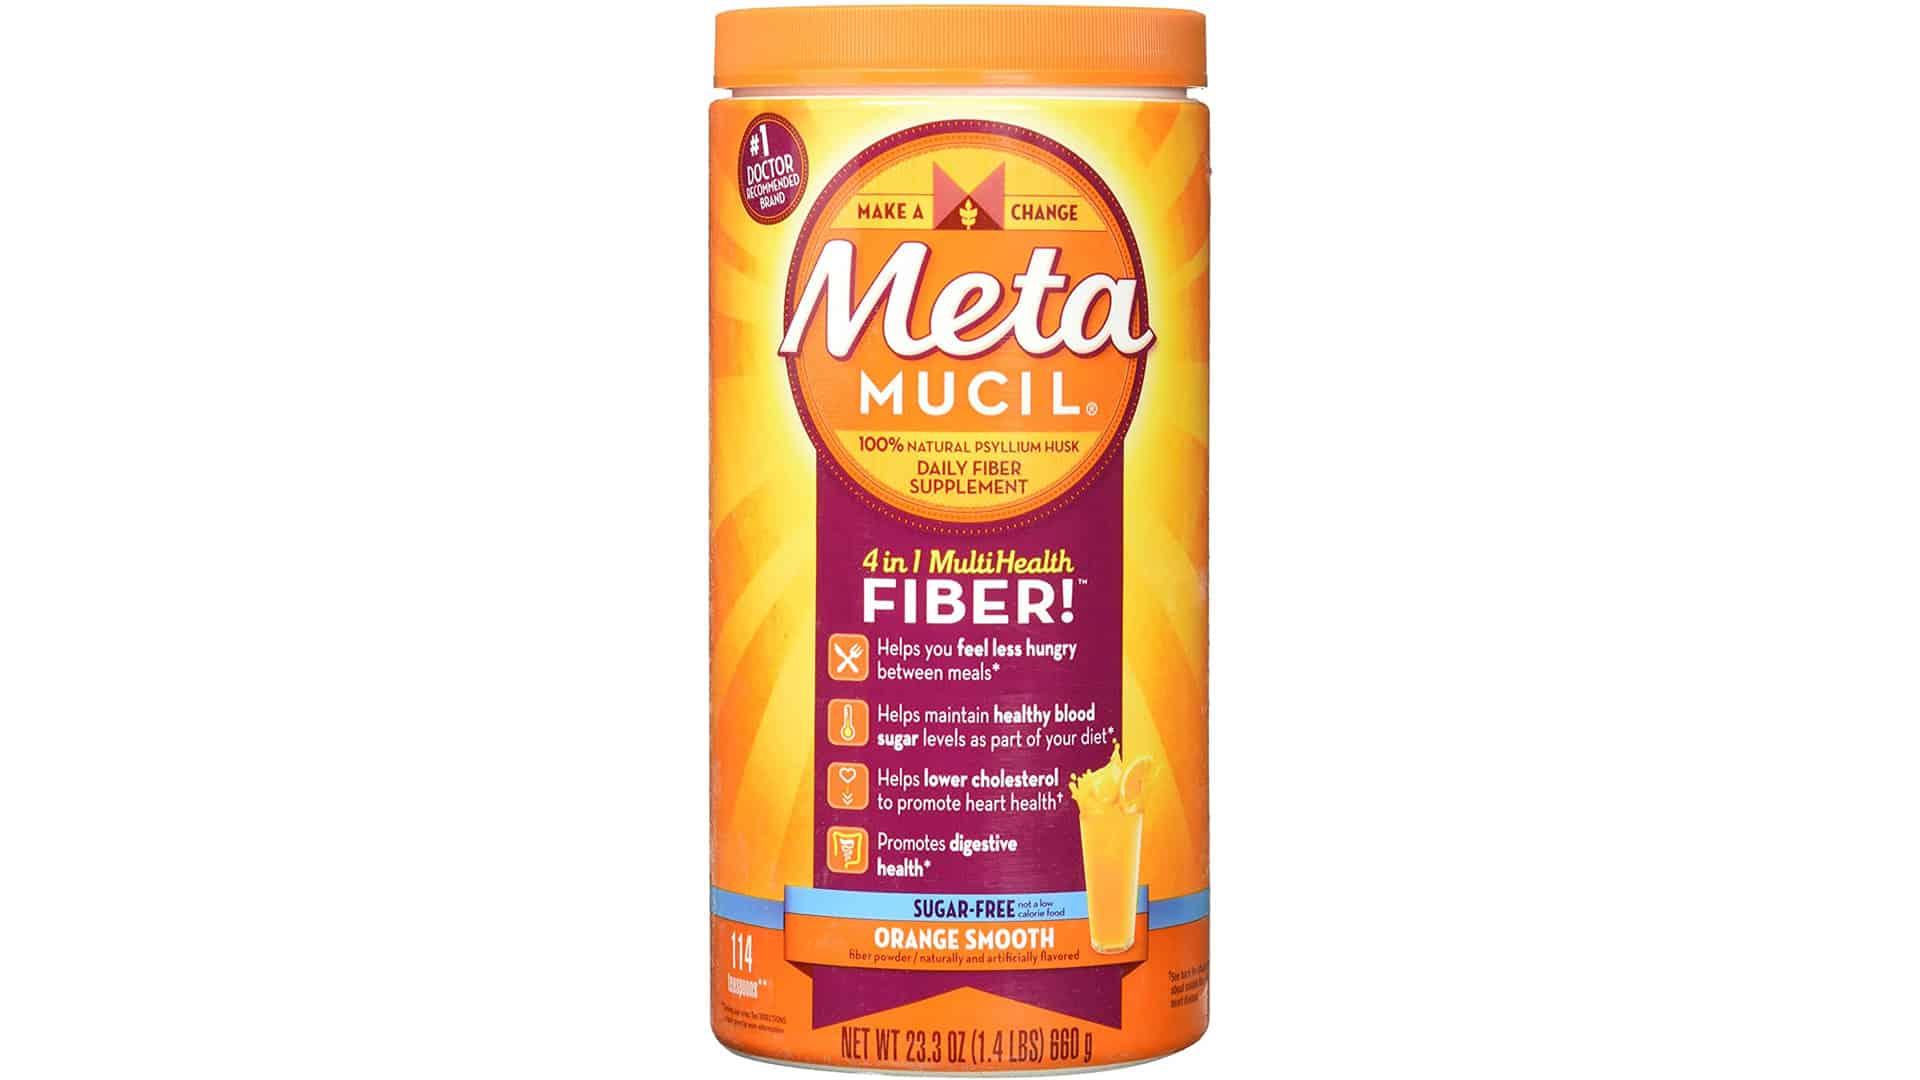 Metamucil Sugar-Free Orange Smooth Powder